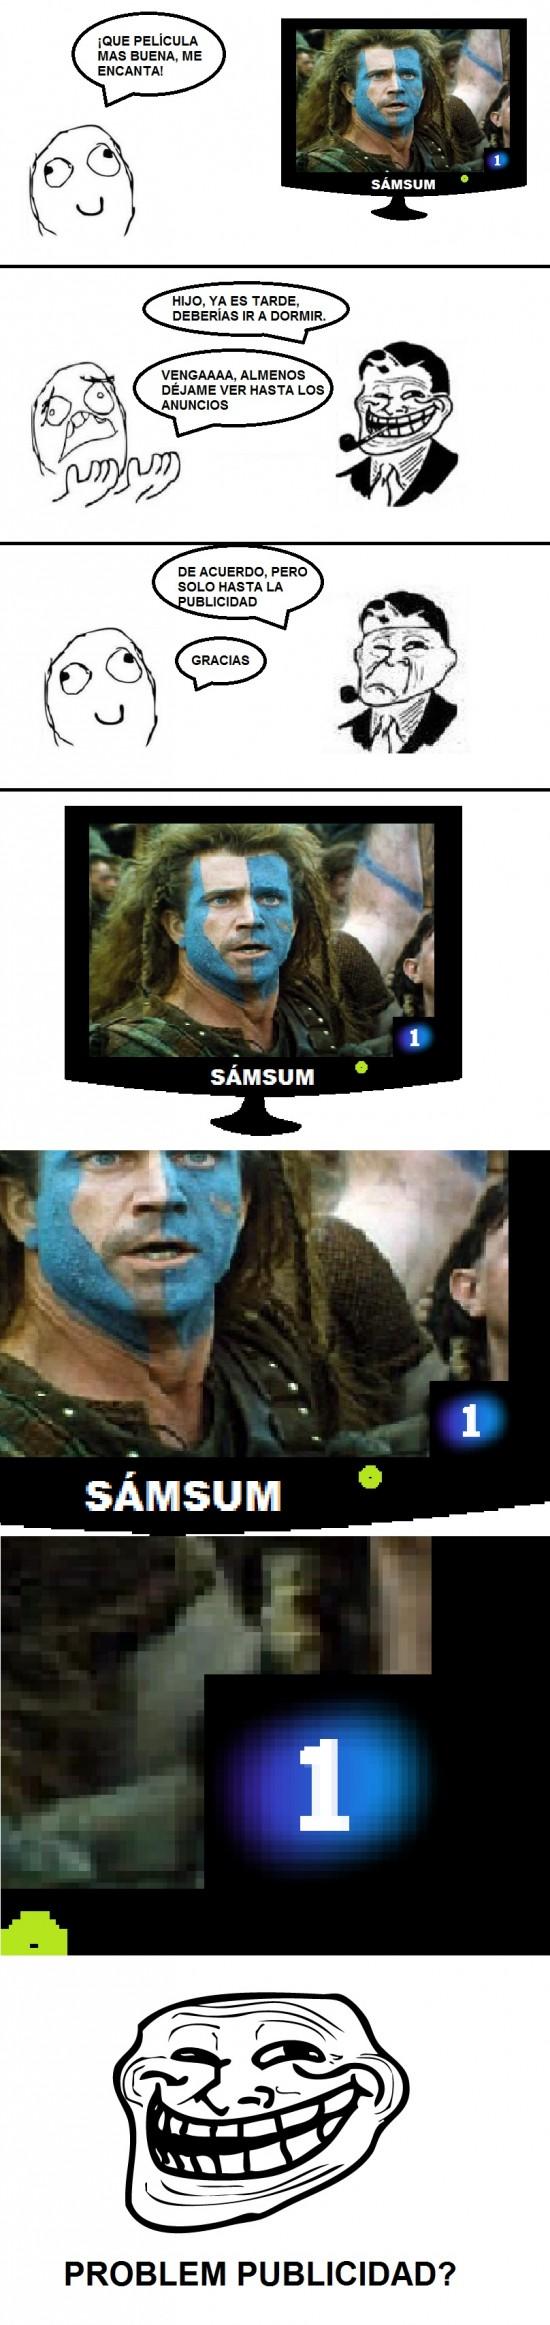 anuncios,publicidad,tele,trolldad,trollface,tve